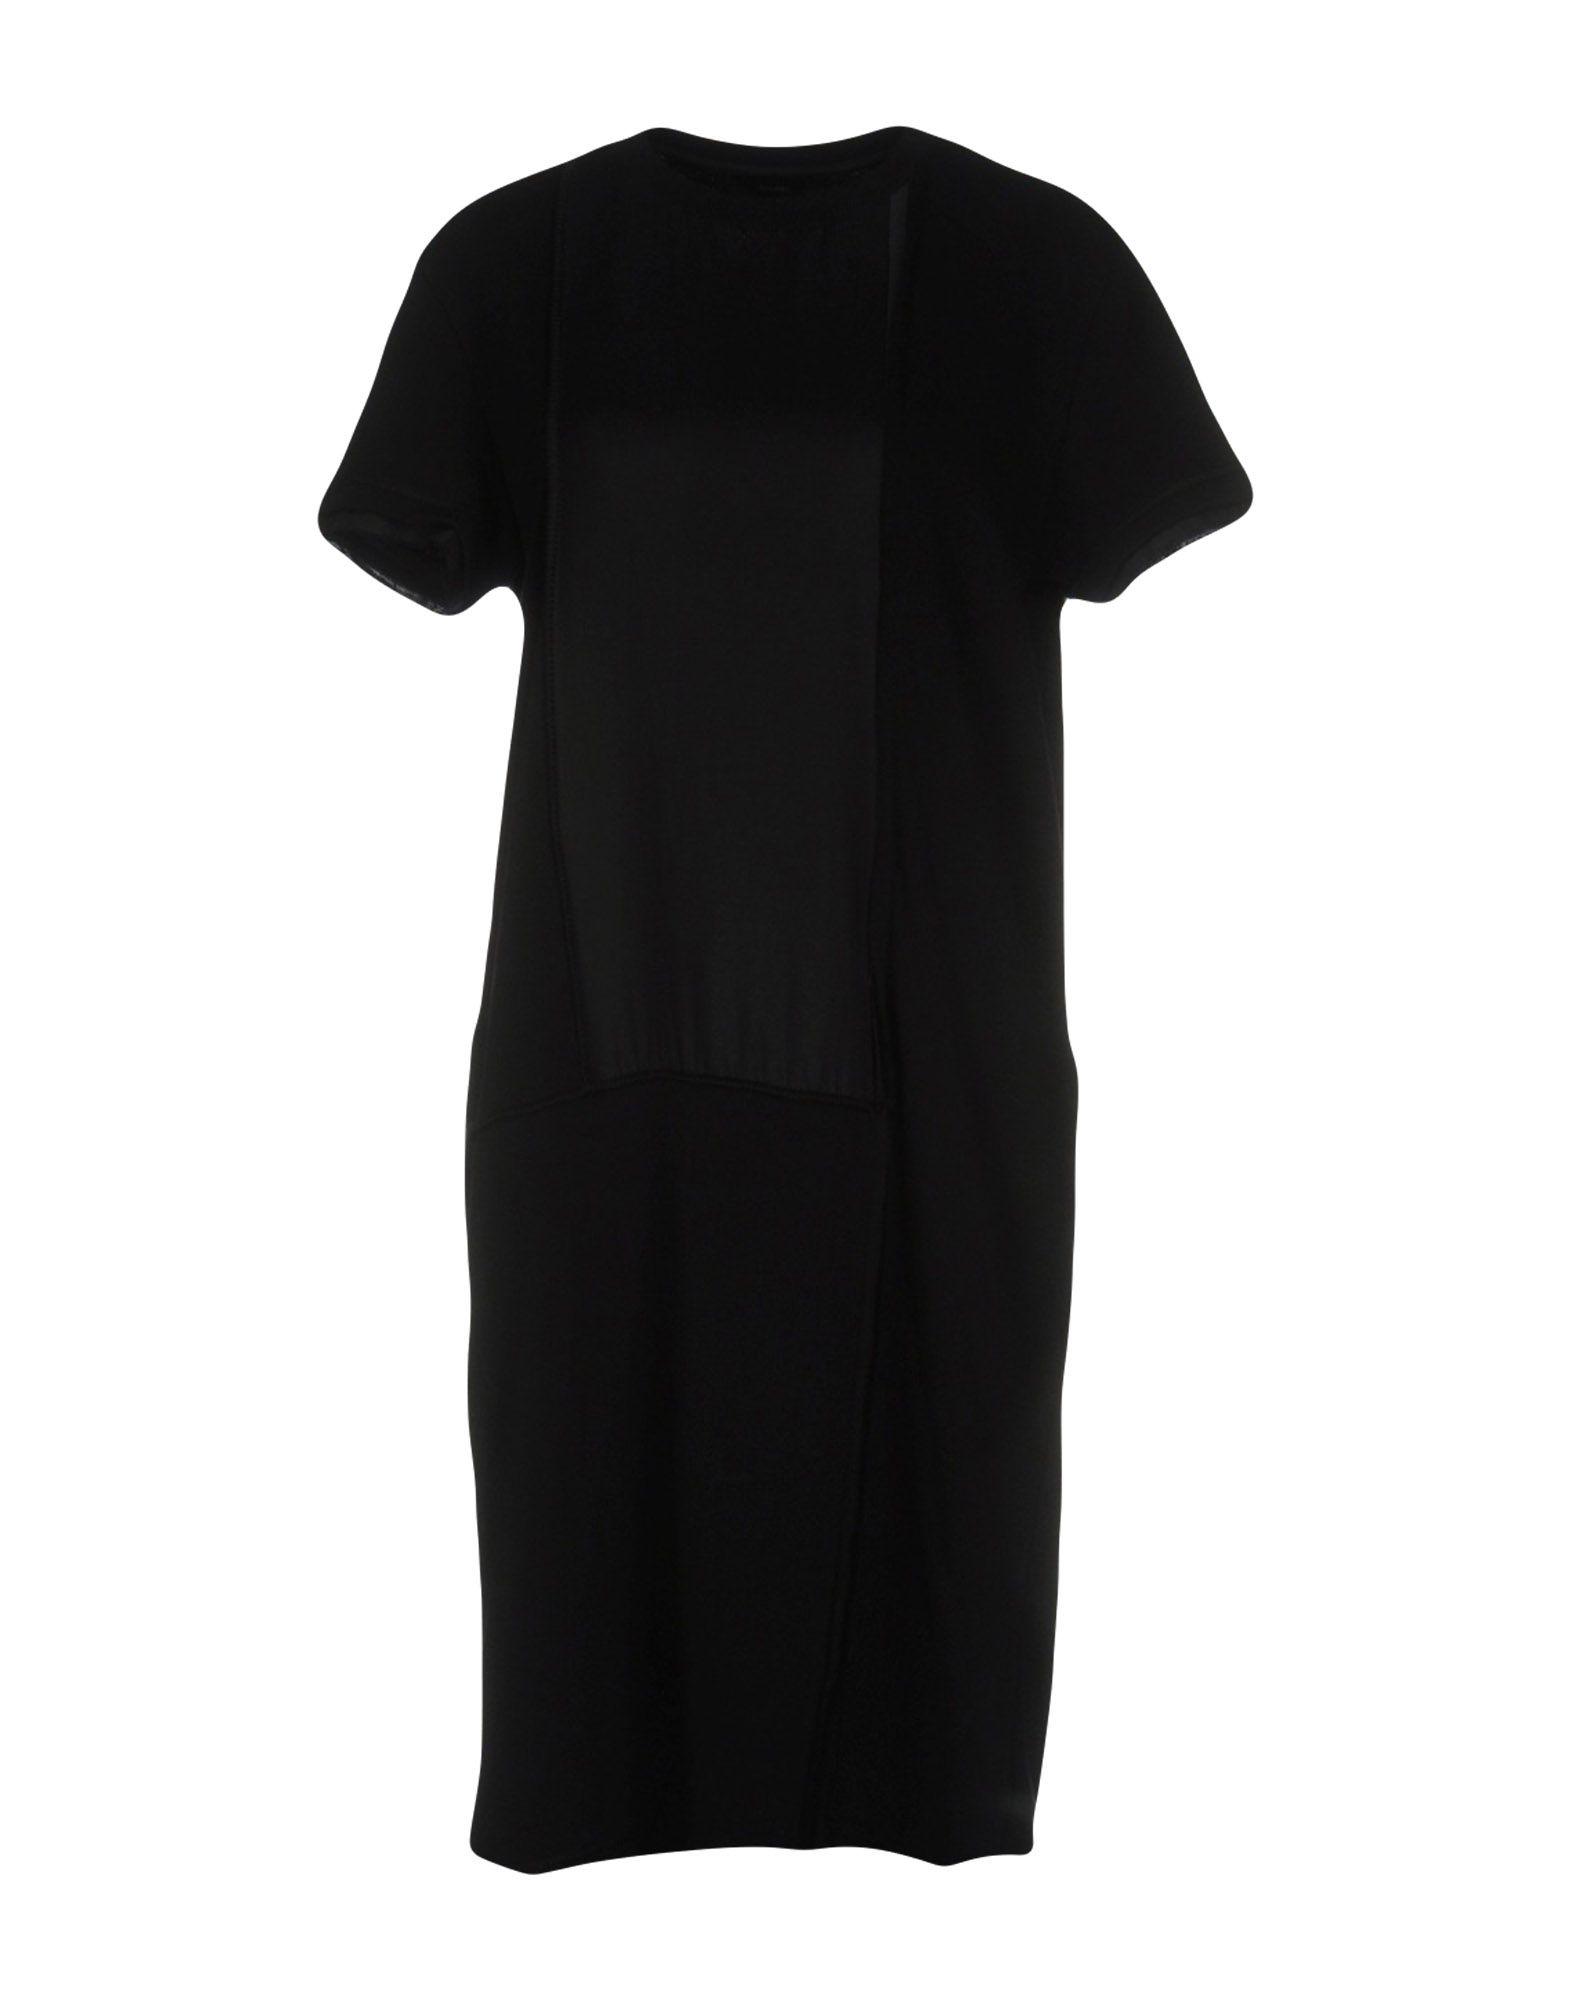 DIESEL Damen Kurzes Kleid Farbe Schwarz Größe 4